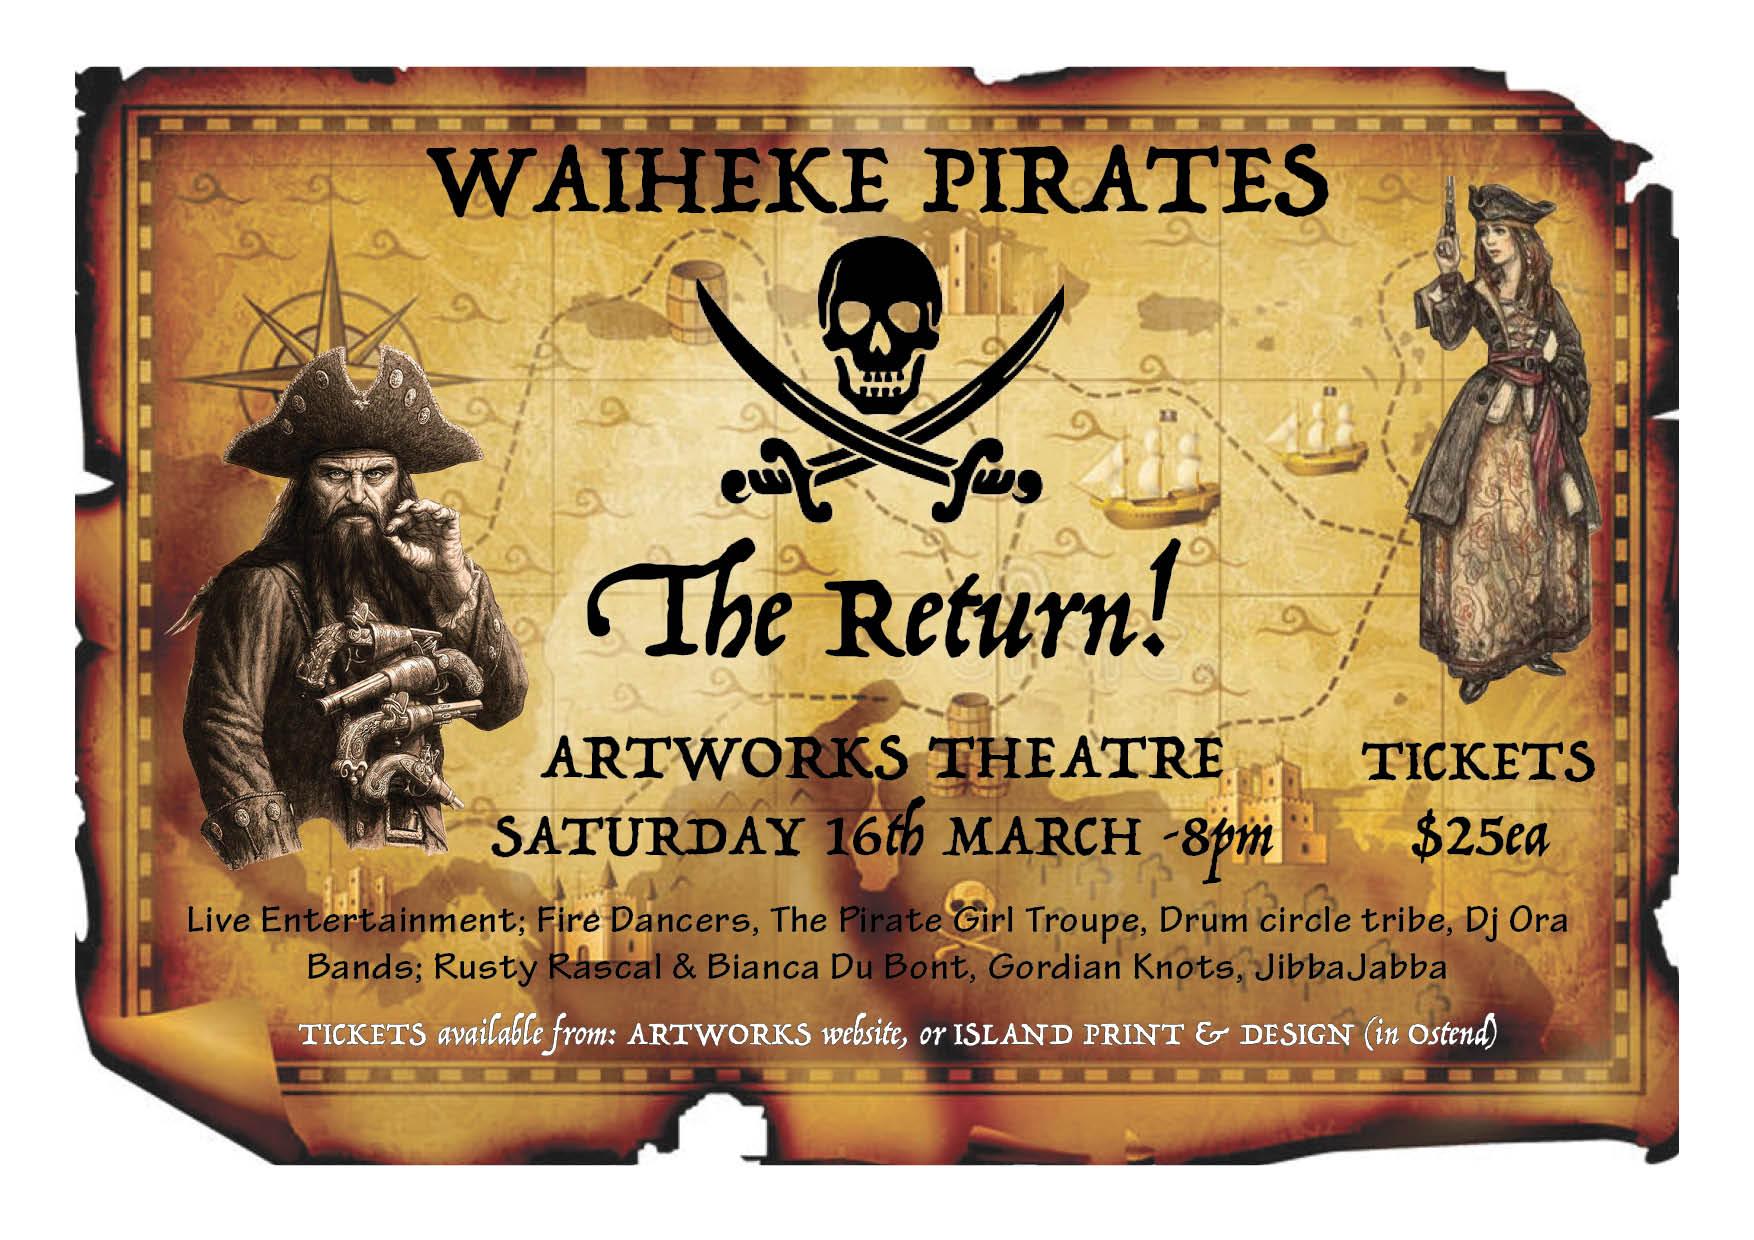 Waiheke Pirates - The Return!